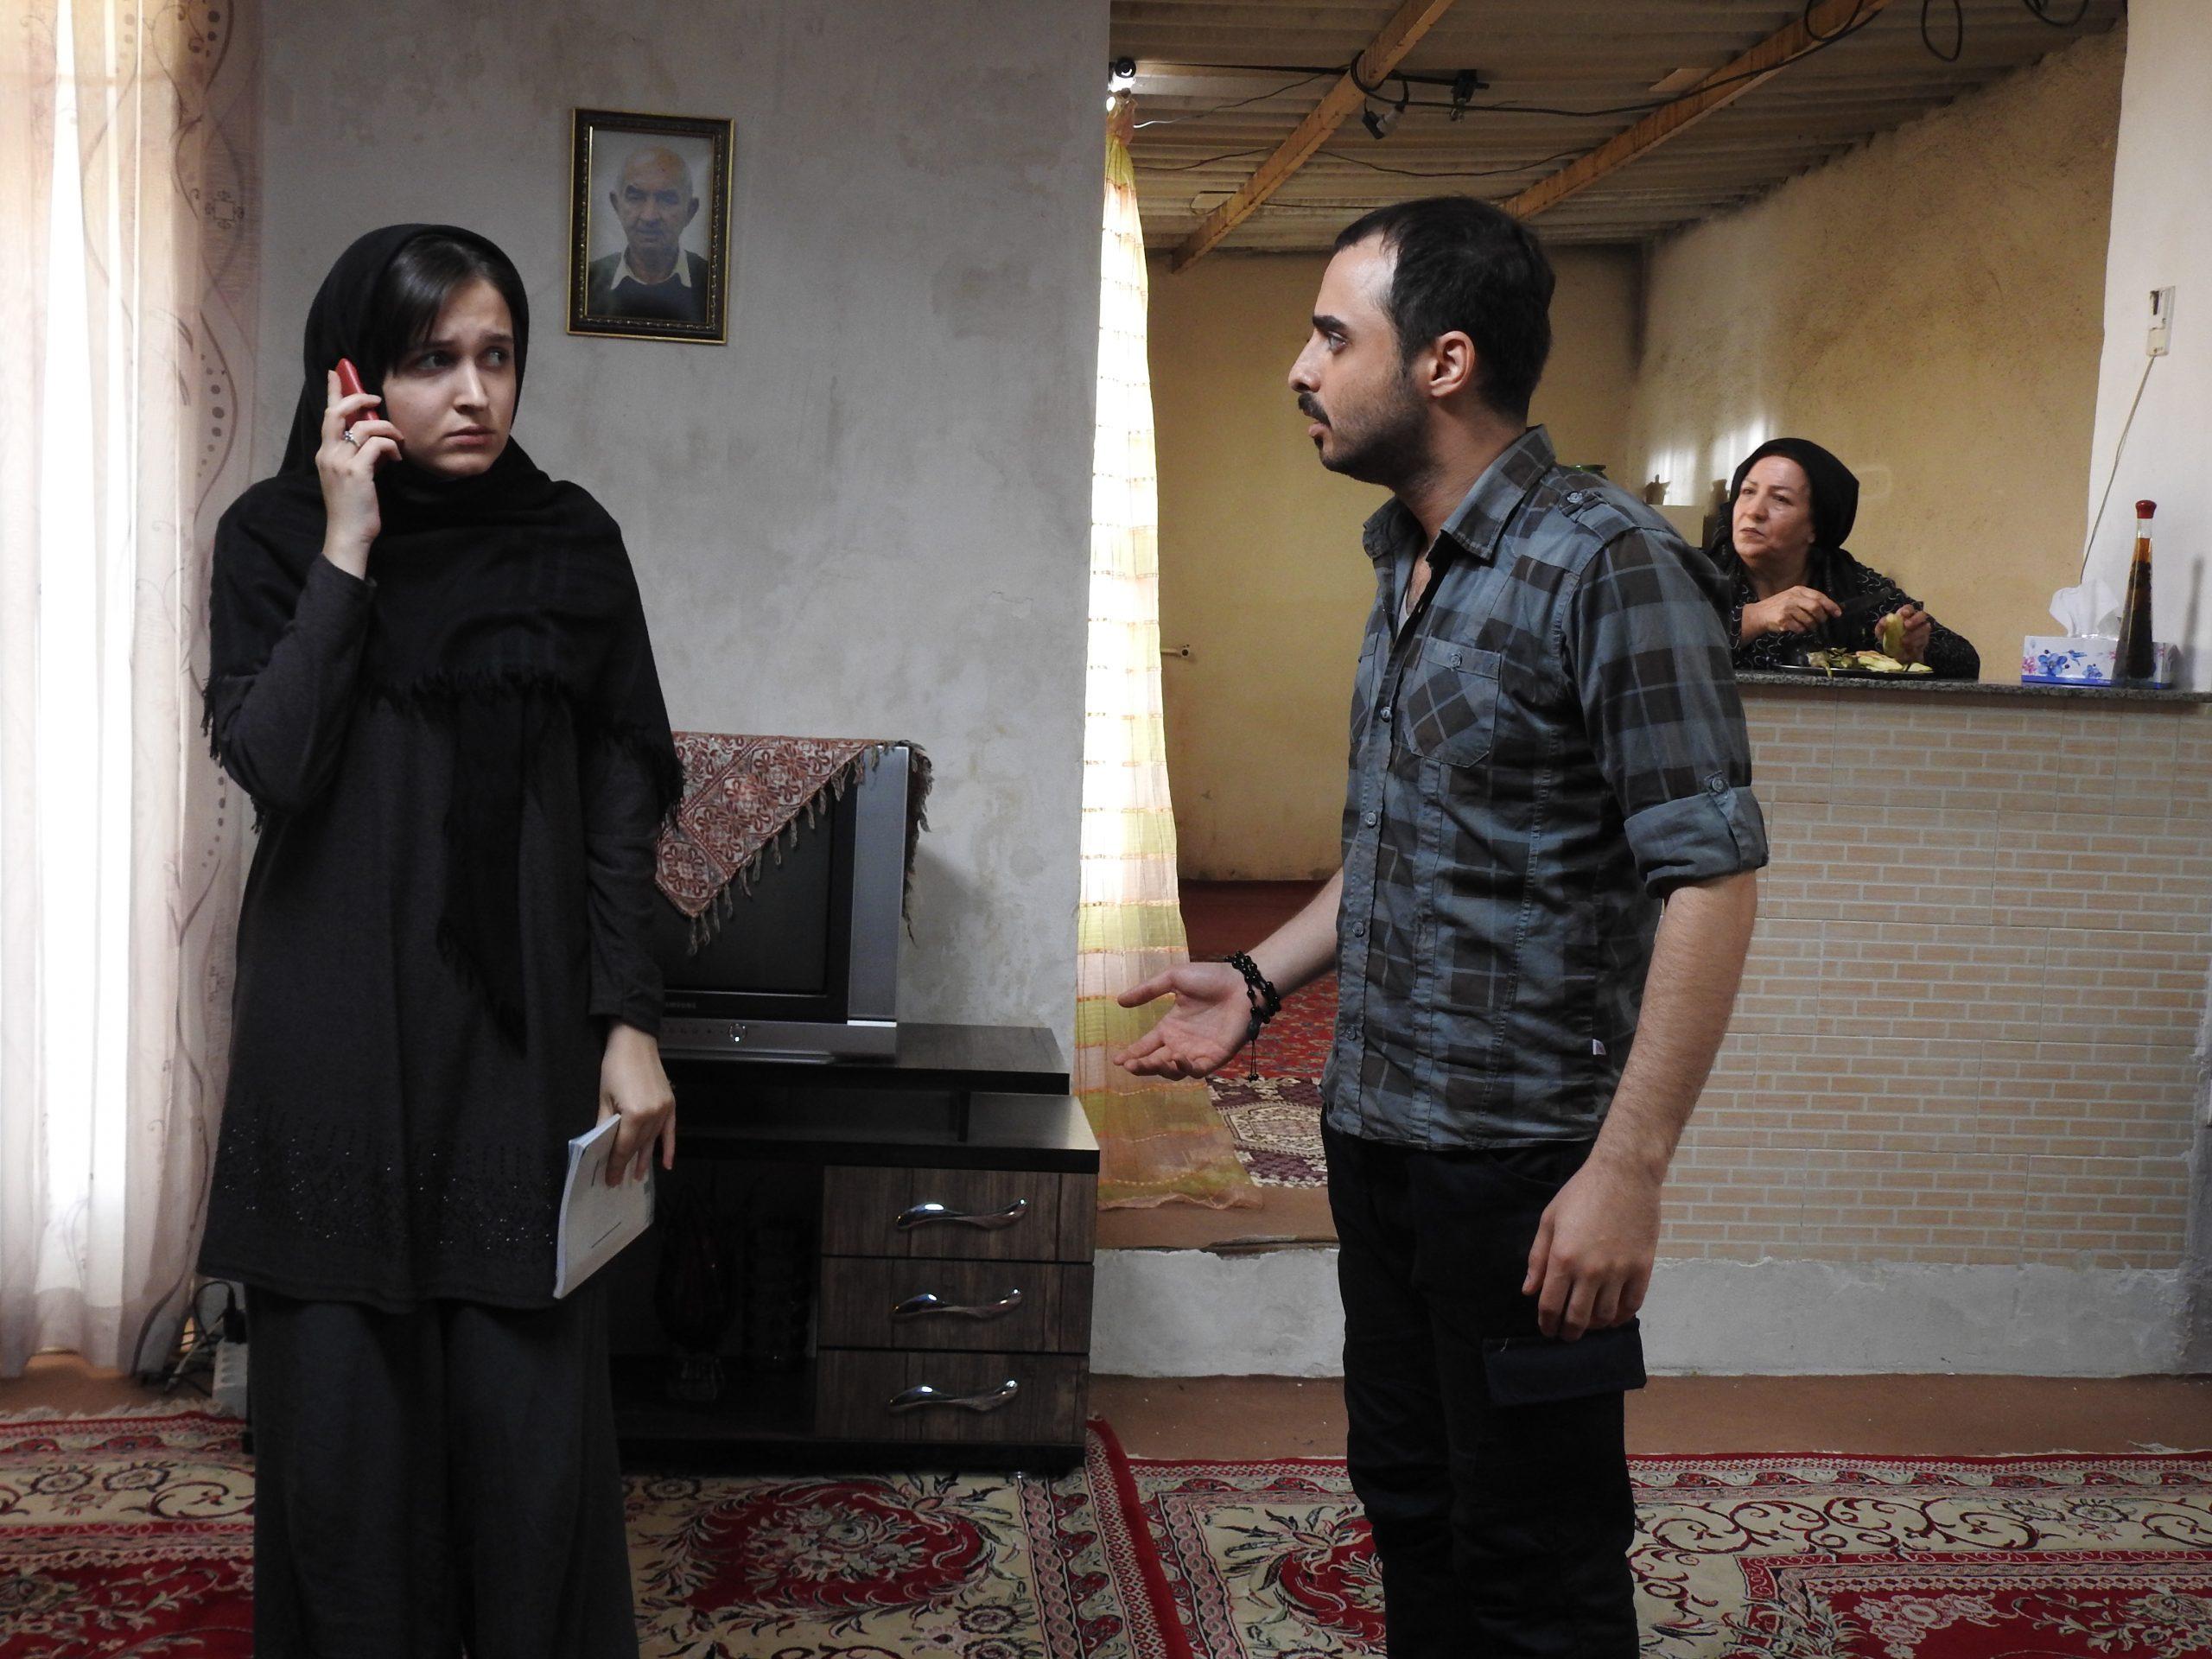 اکران فیلم کوتاه «شاهد» در سایت تیوال